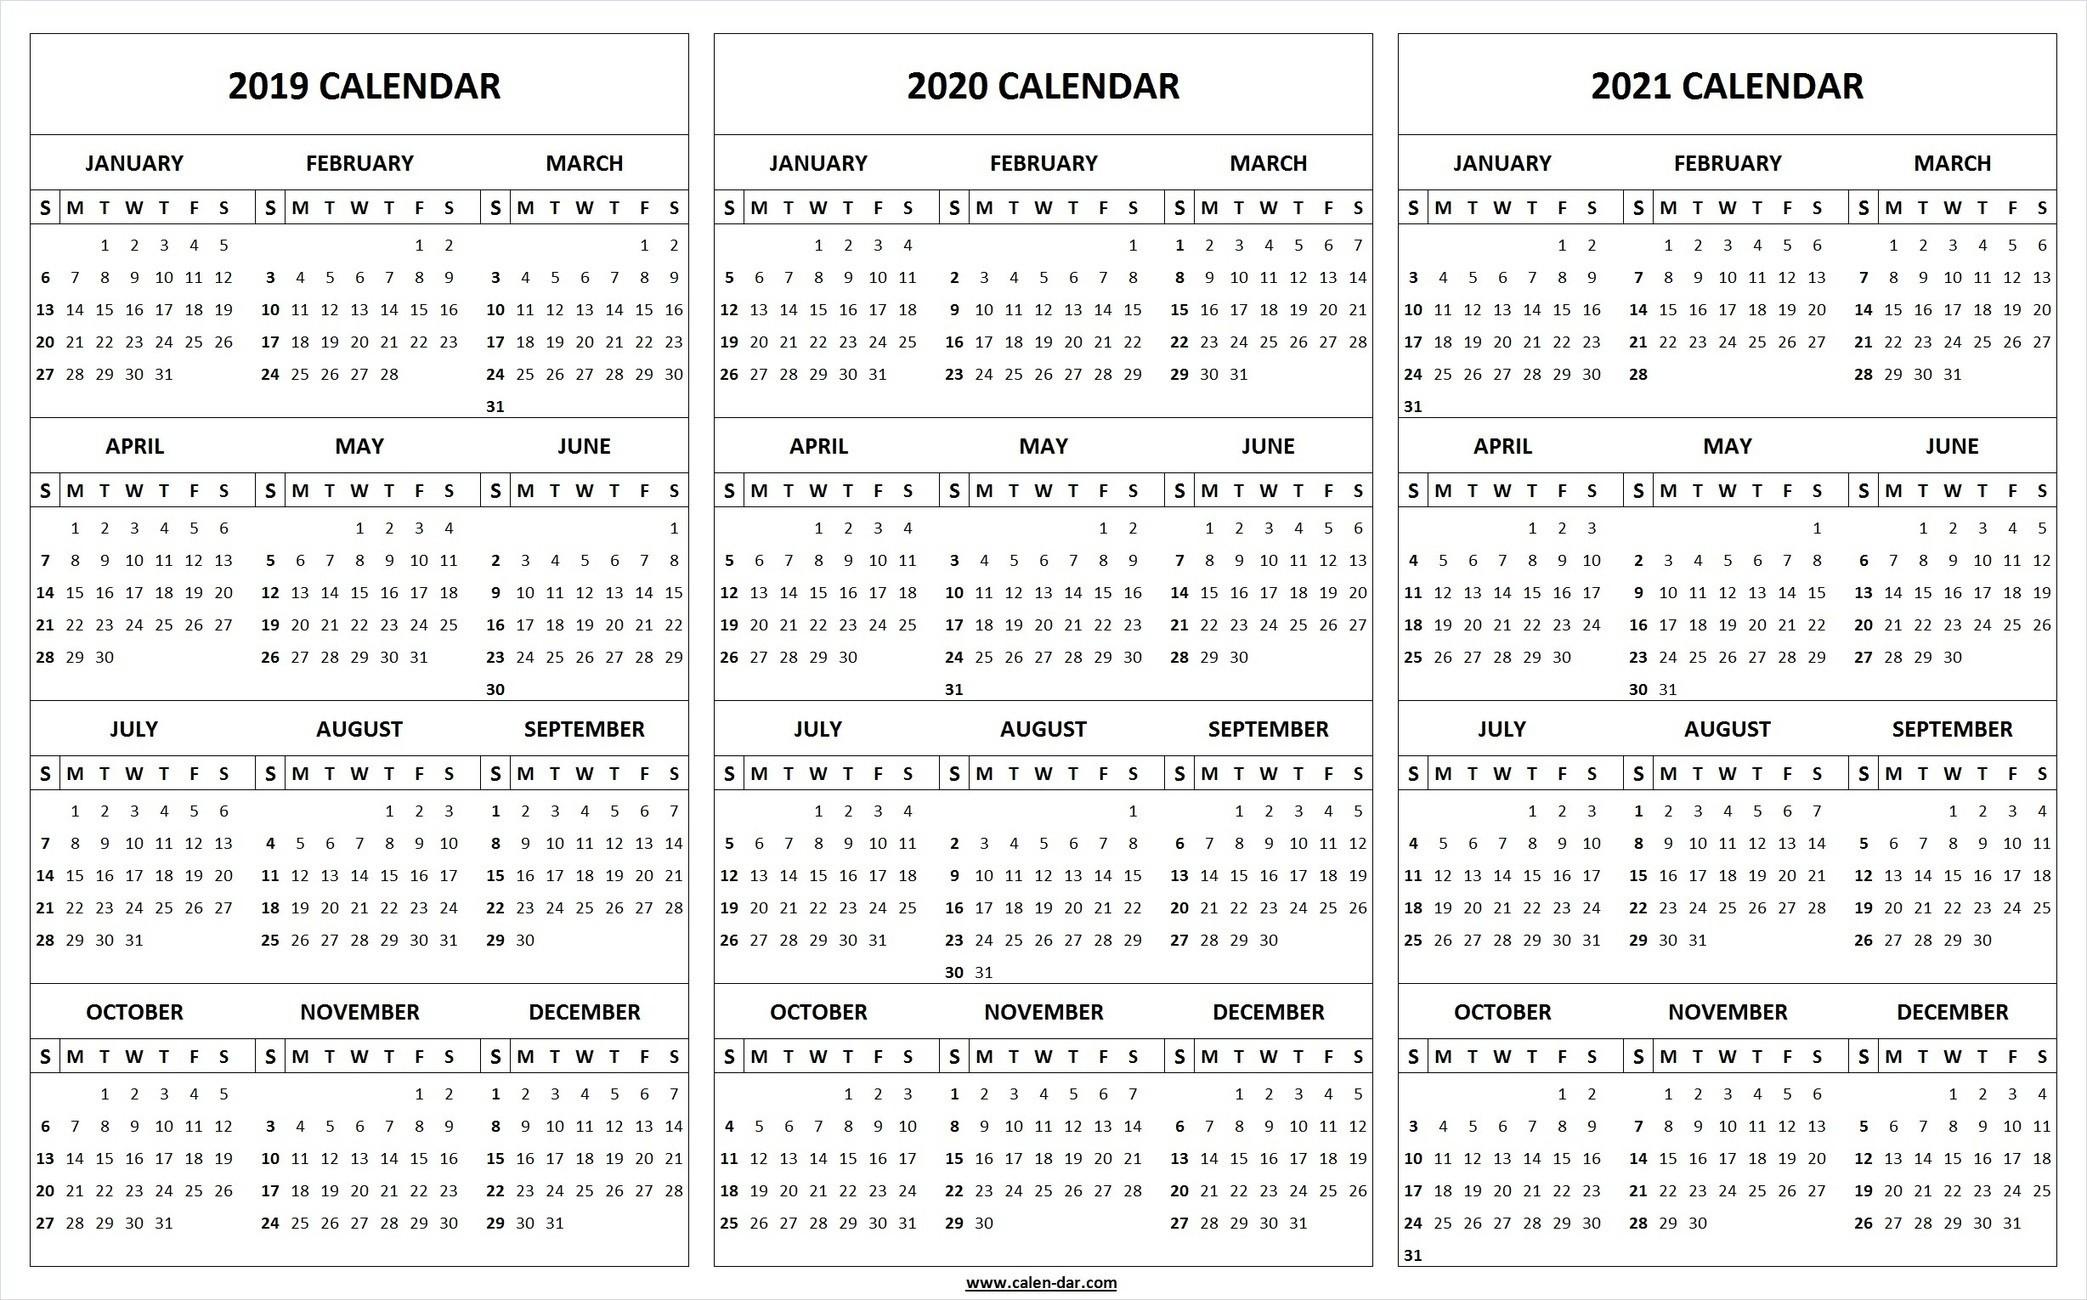 Calendario 2020 2021 Gratis Calendario Noviembre 2019 Para Imprimir Gratis Más Arriba a fecha